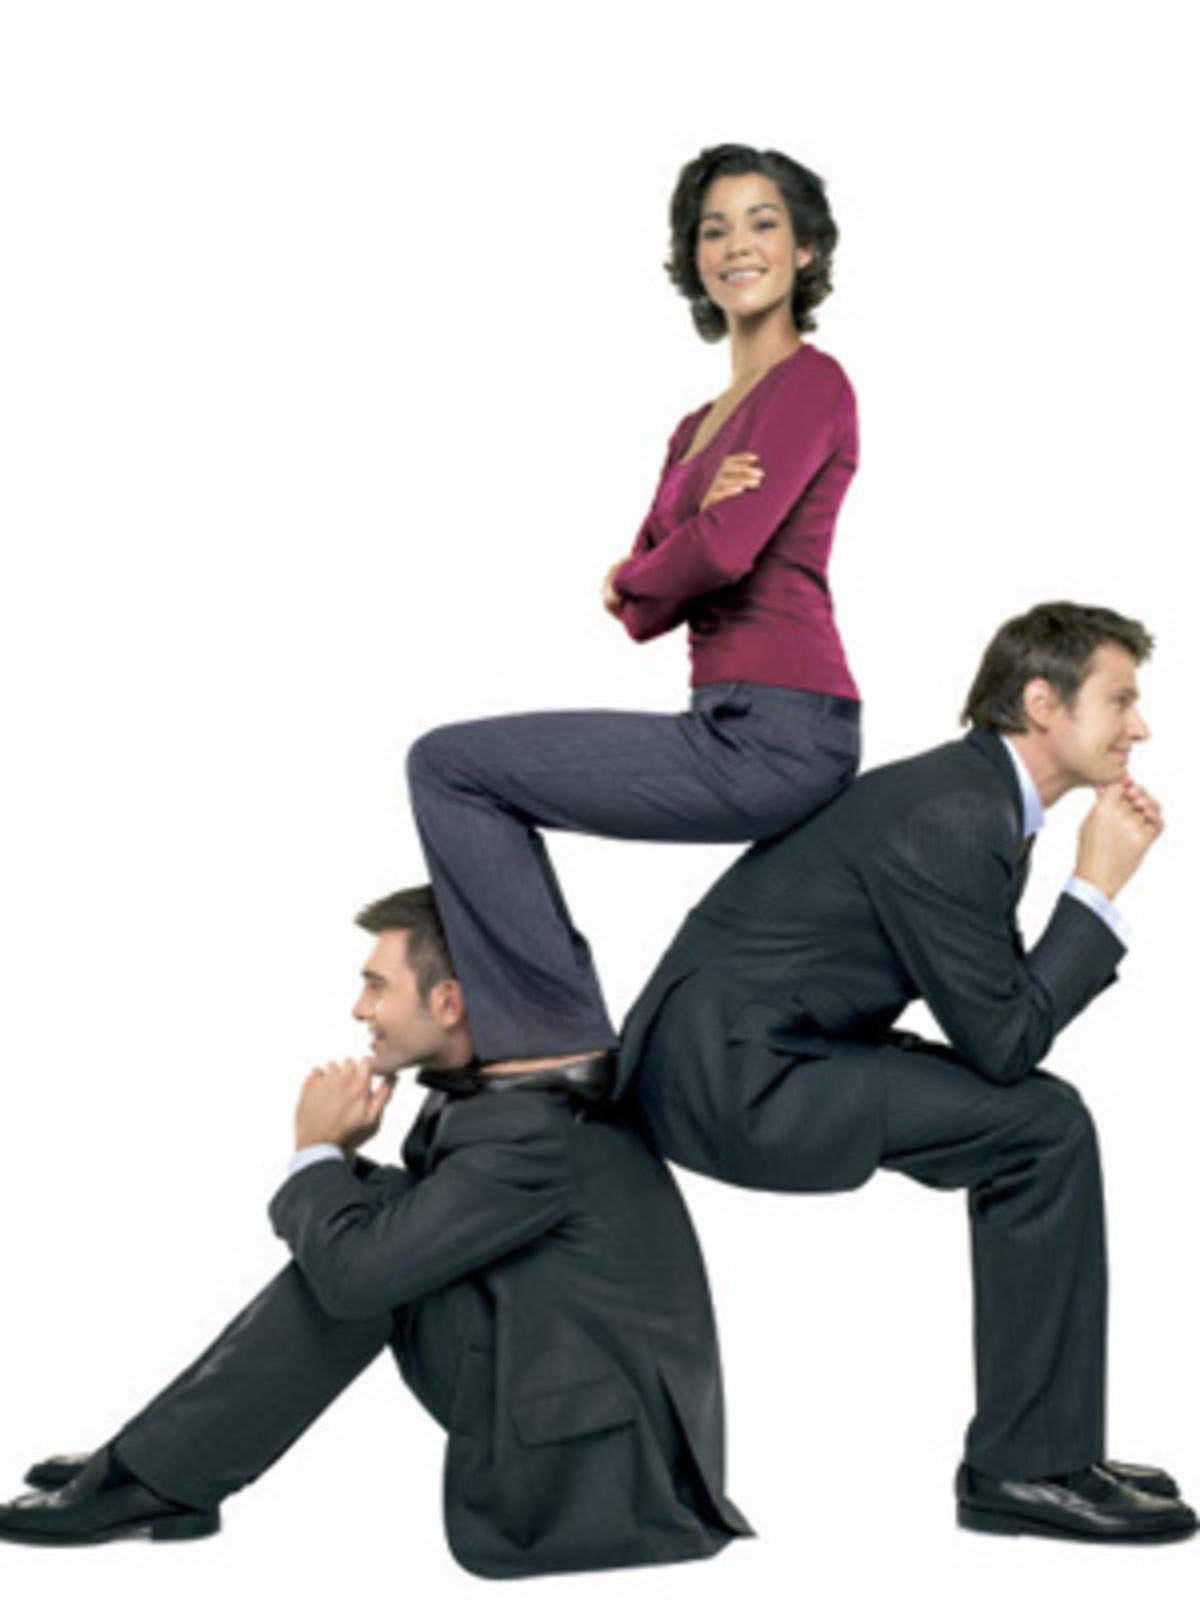 Εσείς έχετε σύντροφο…γραφείου; | Newsit.gr